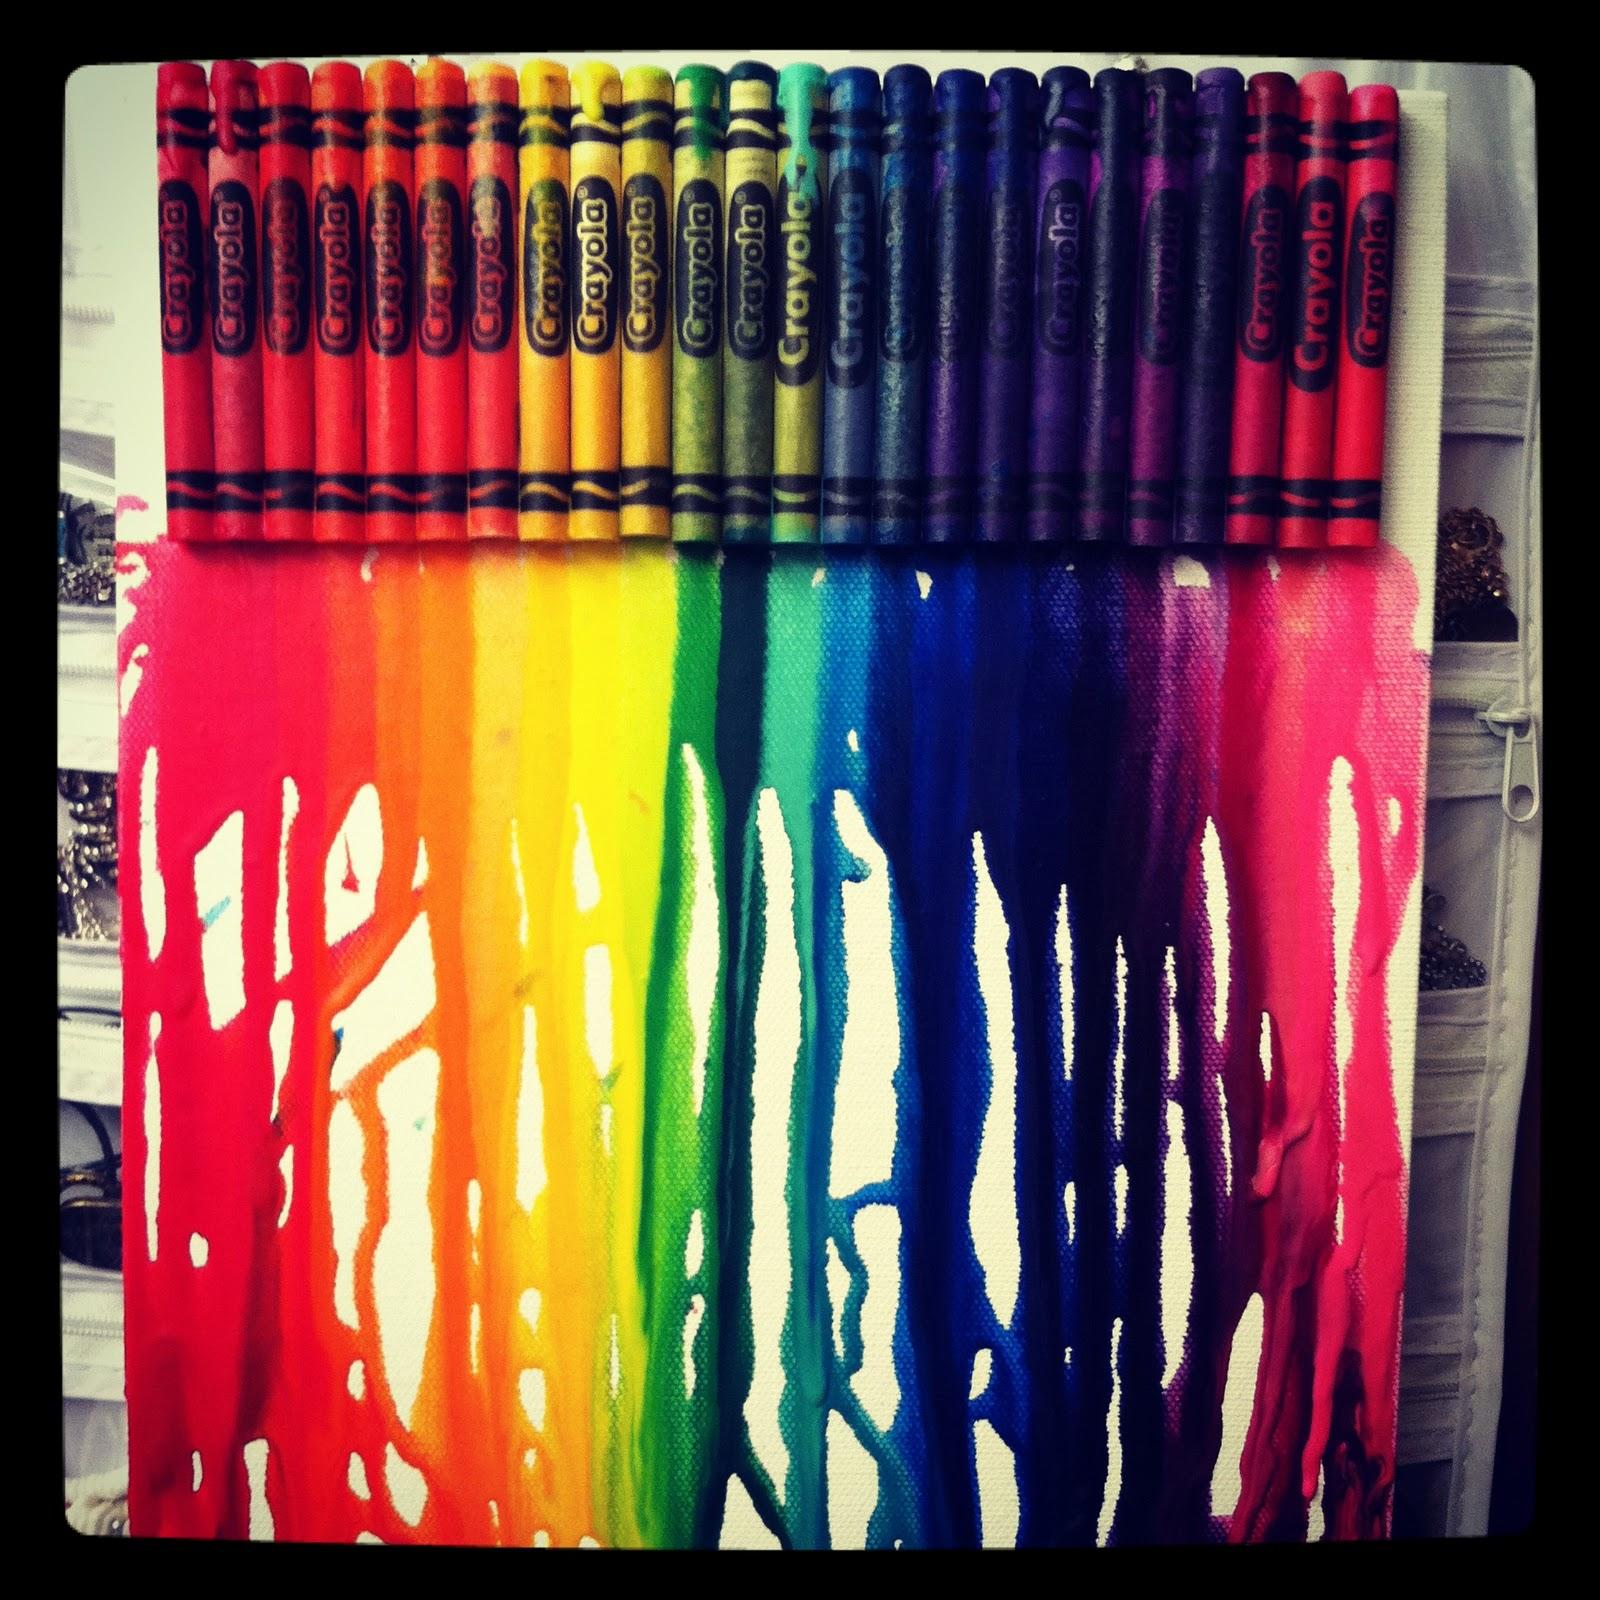 crayonart kann man auch uhu kleber anstatt hei klebepistole benutzen geschenk weihnachten. Black Bedroom Furniture Sets. Home Design Ideas